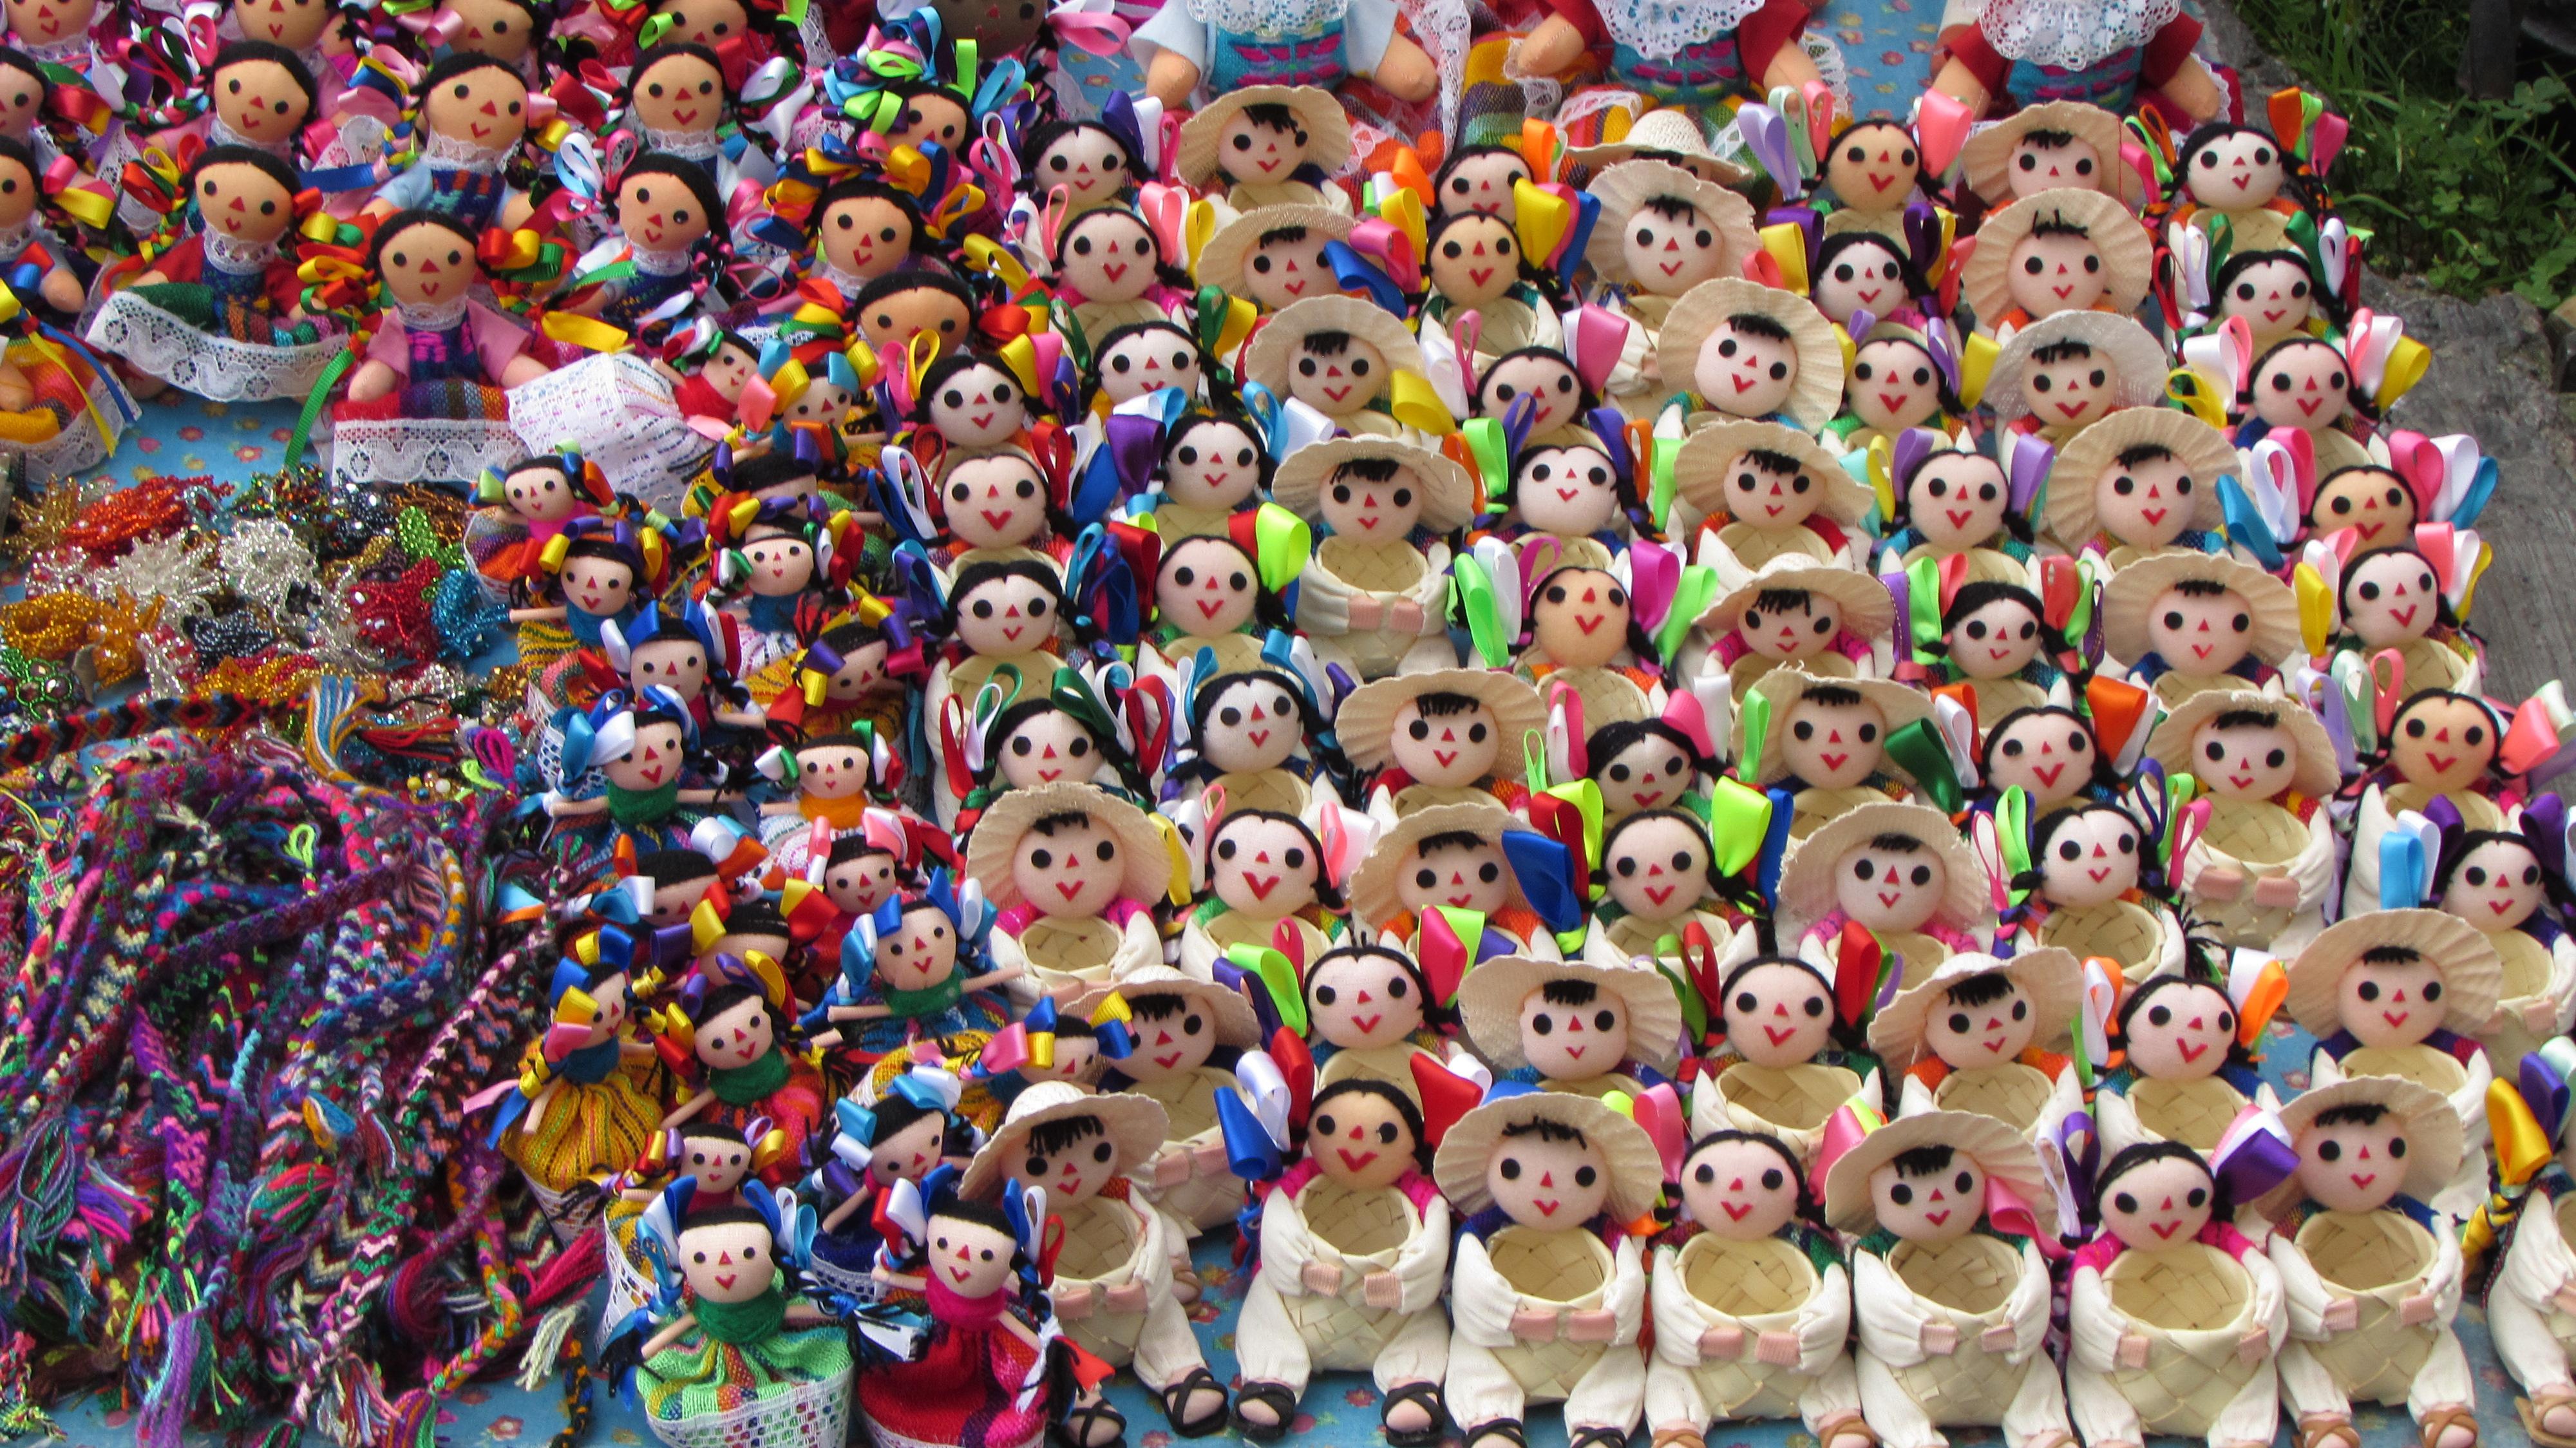 Filedía De La Independencia México En Coyoacán 07jpg Wikimedia